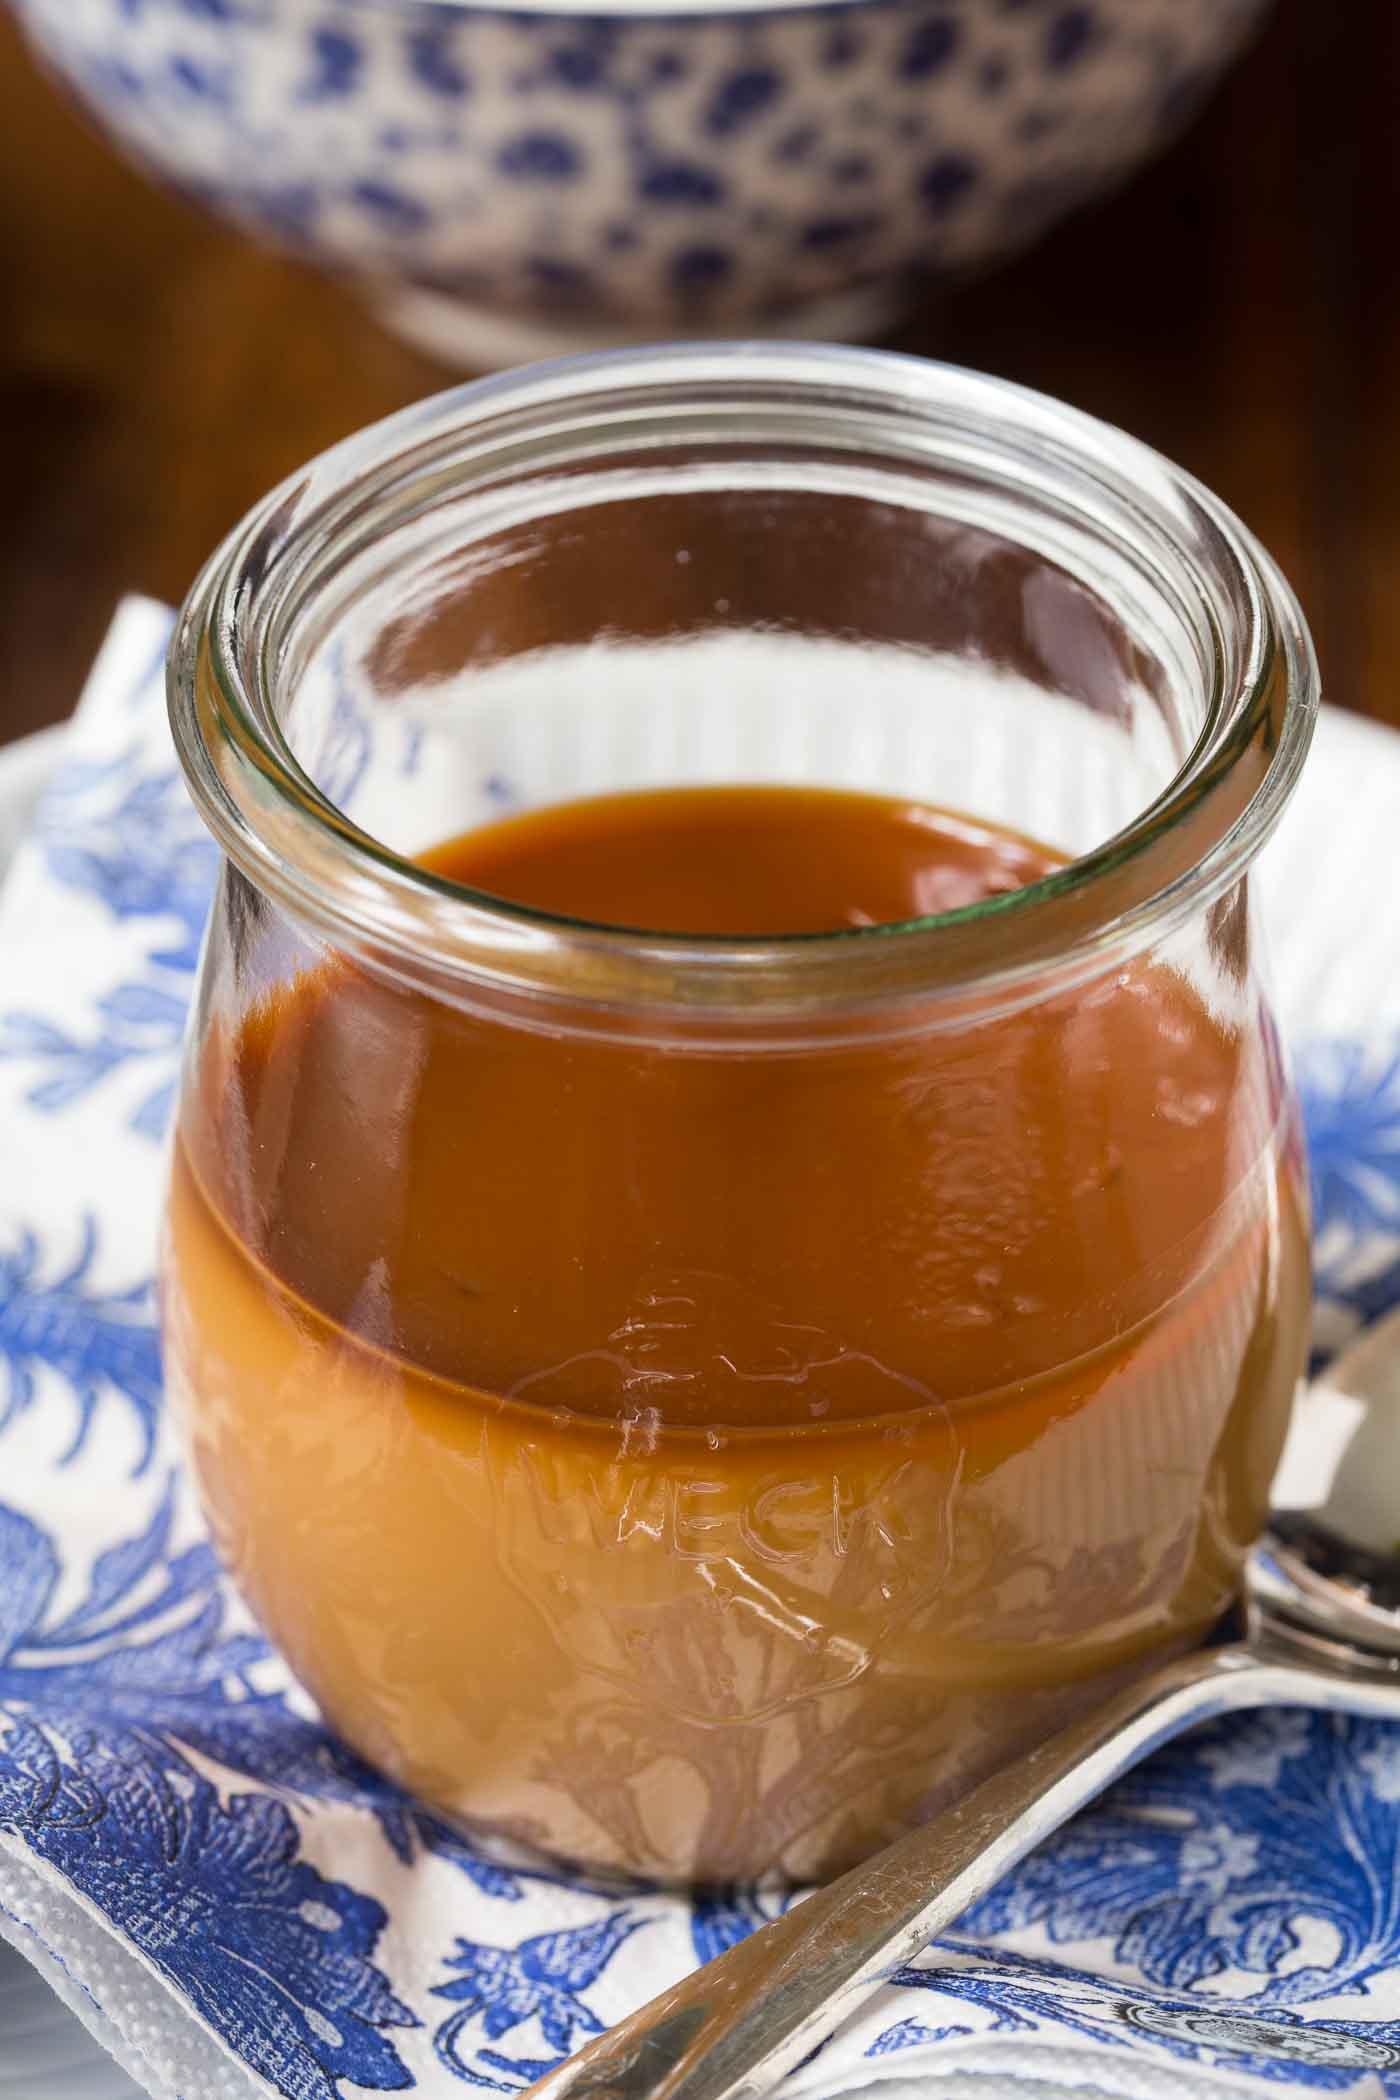 Photo of a jar of Butterscotch Pots de Créme on a delft blue and white napkin.